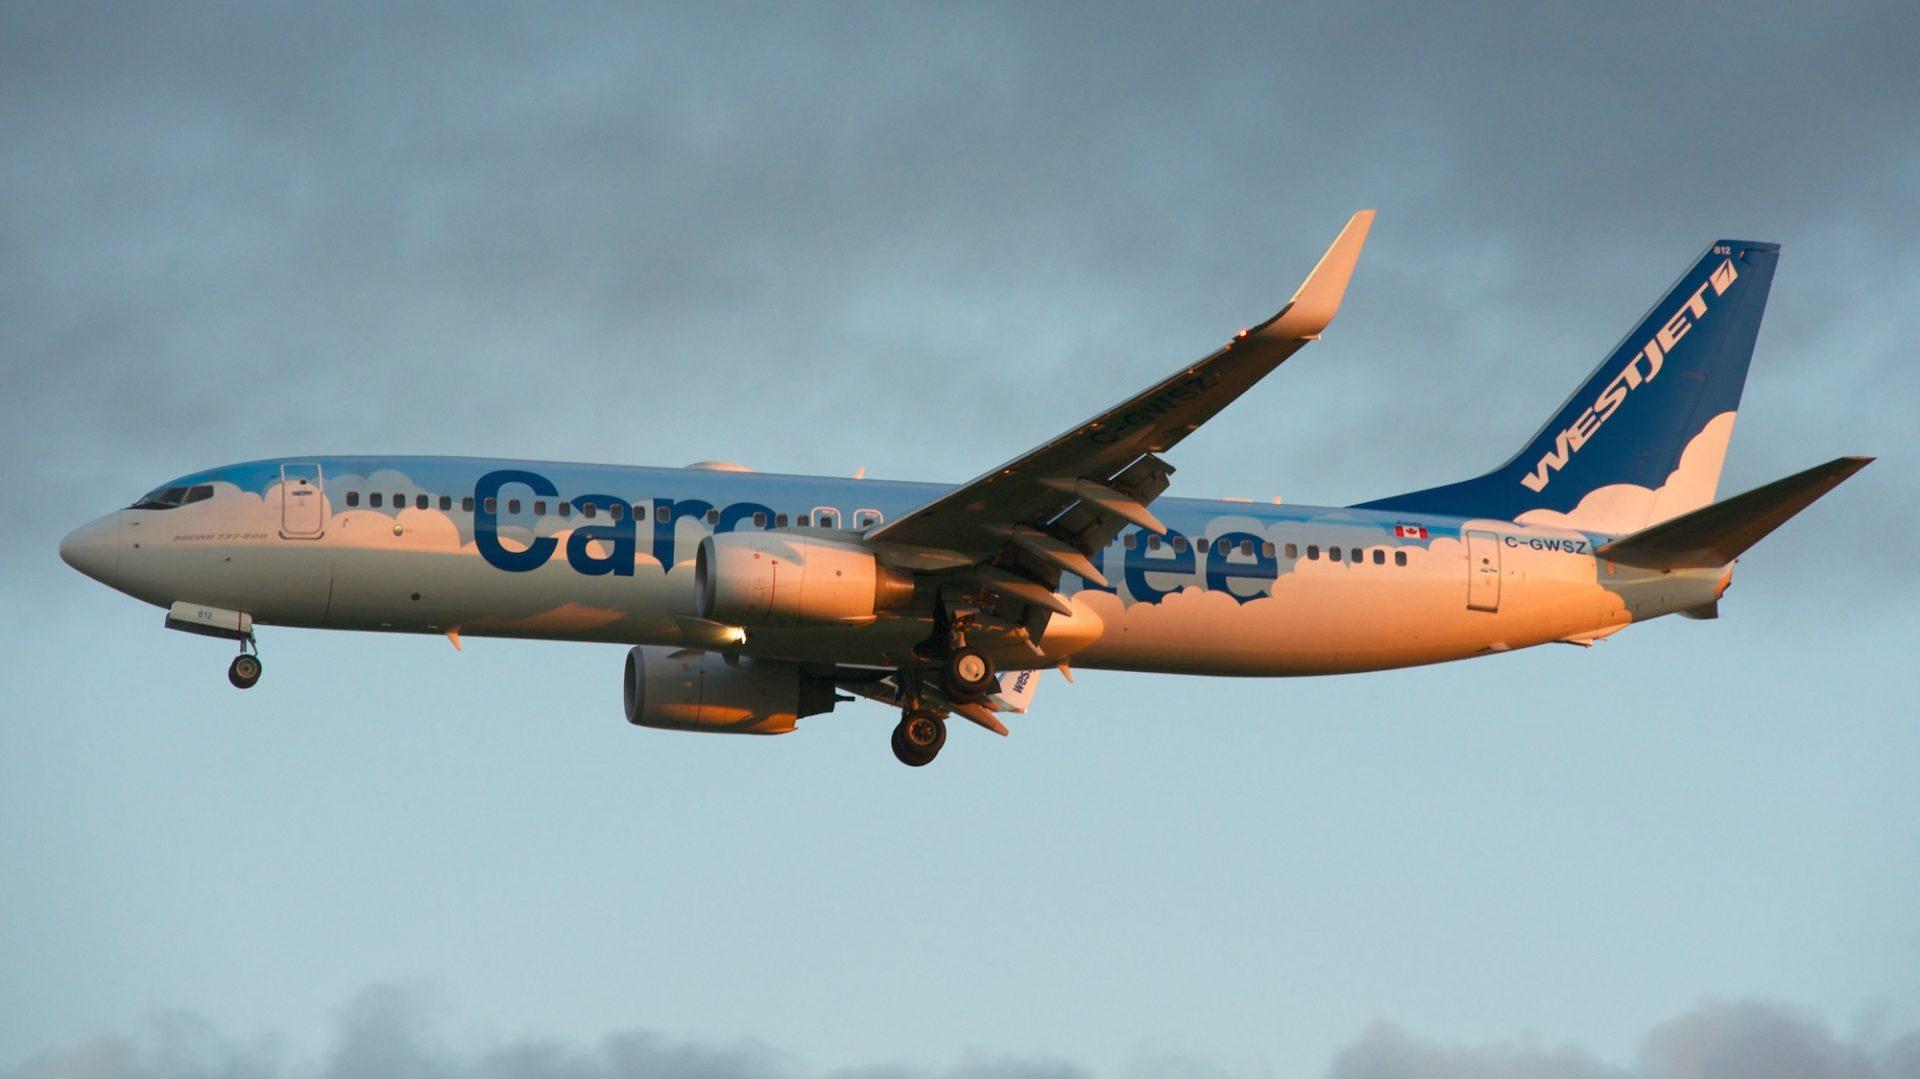 """Aterragem do """"Careantee"""" (Toronto-Pearson) às primeiras horas da manhã."""